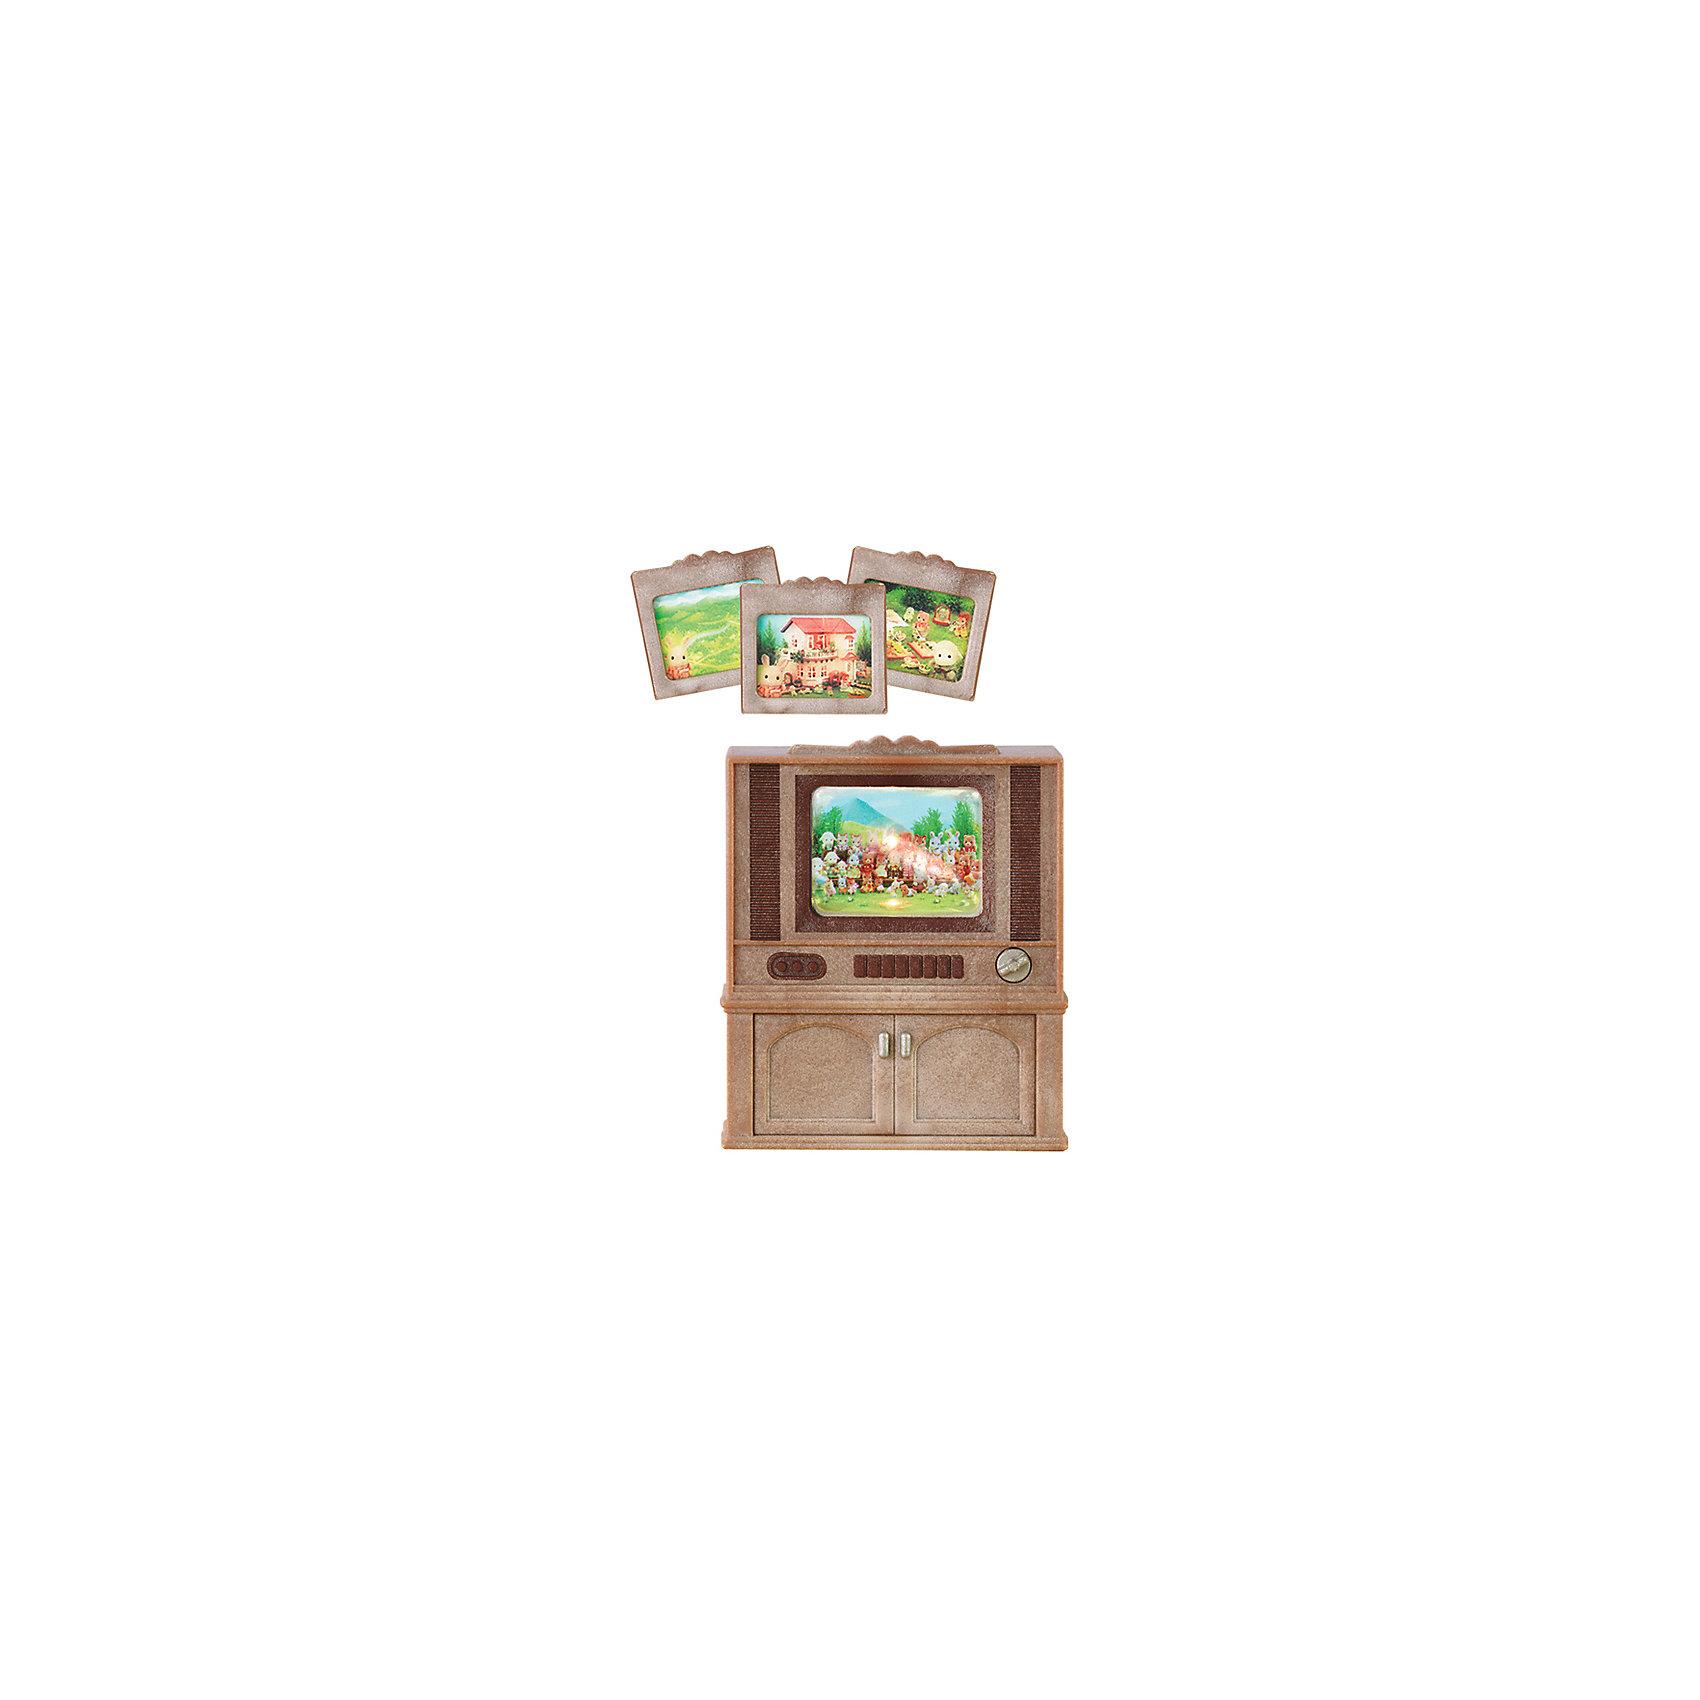 Набор Цветной телевизор Sylvanian FamiliesSylvanian Families<br>Цветной телевизор от Sylvanian Families. <br><br>По вечерам вся семья с удовольствием собирается у телевизора, чтобы посмотреть новости Сильвании, новые фильмы или развлекательные передачи. <br><br>Телевизор в стиле ретро представляет из себя шкаф из тёмного дерева. Телевизор - это небольшая линза, позади которой размещена картинка-слайд. Телевизор включается поворотом ручки, при этом на экране позади картинки загорается свет. <br><br>В набор входят 4 различных слайда. Жители Сильвании с удовольствием будут их просматривать.  <br><br>Дополнительная информация:<br><br>Размер телевизора: 6 х 4 х 7,5.<br><br>Размер упаковки (д/ш/в): 12 х 15 х 6 см.<br><br>Для работы подсветки экрана необходимо 2 батарейки типа ААА (нет в комплекте). <br><br>Материал: высококачественная пластмасса.<br><br>Этот набор обязательно порадует Вашего ребёнка, ведь теперь он сможет разыгрывать сценки из собственной жизни! Набор также способствует развитию фантазии и навыков общения.<br><br>Ширина мм: 120<br>Глубина мм: 78<br>Высота мм: 48<br>Вес г: 96<br>Возраст от месяцев: 36<br>Возраст до месяцев: 72<br>Пол: Женский<br>Возраст: Детский<br>SKU: 2226675